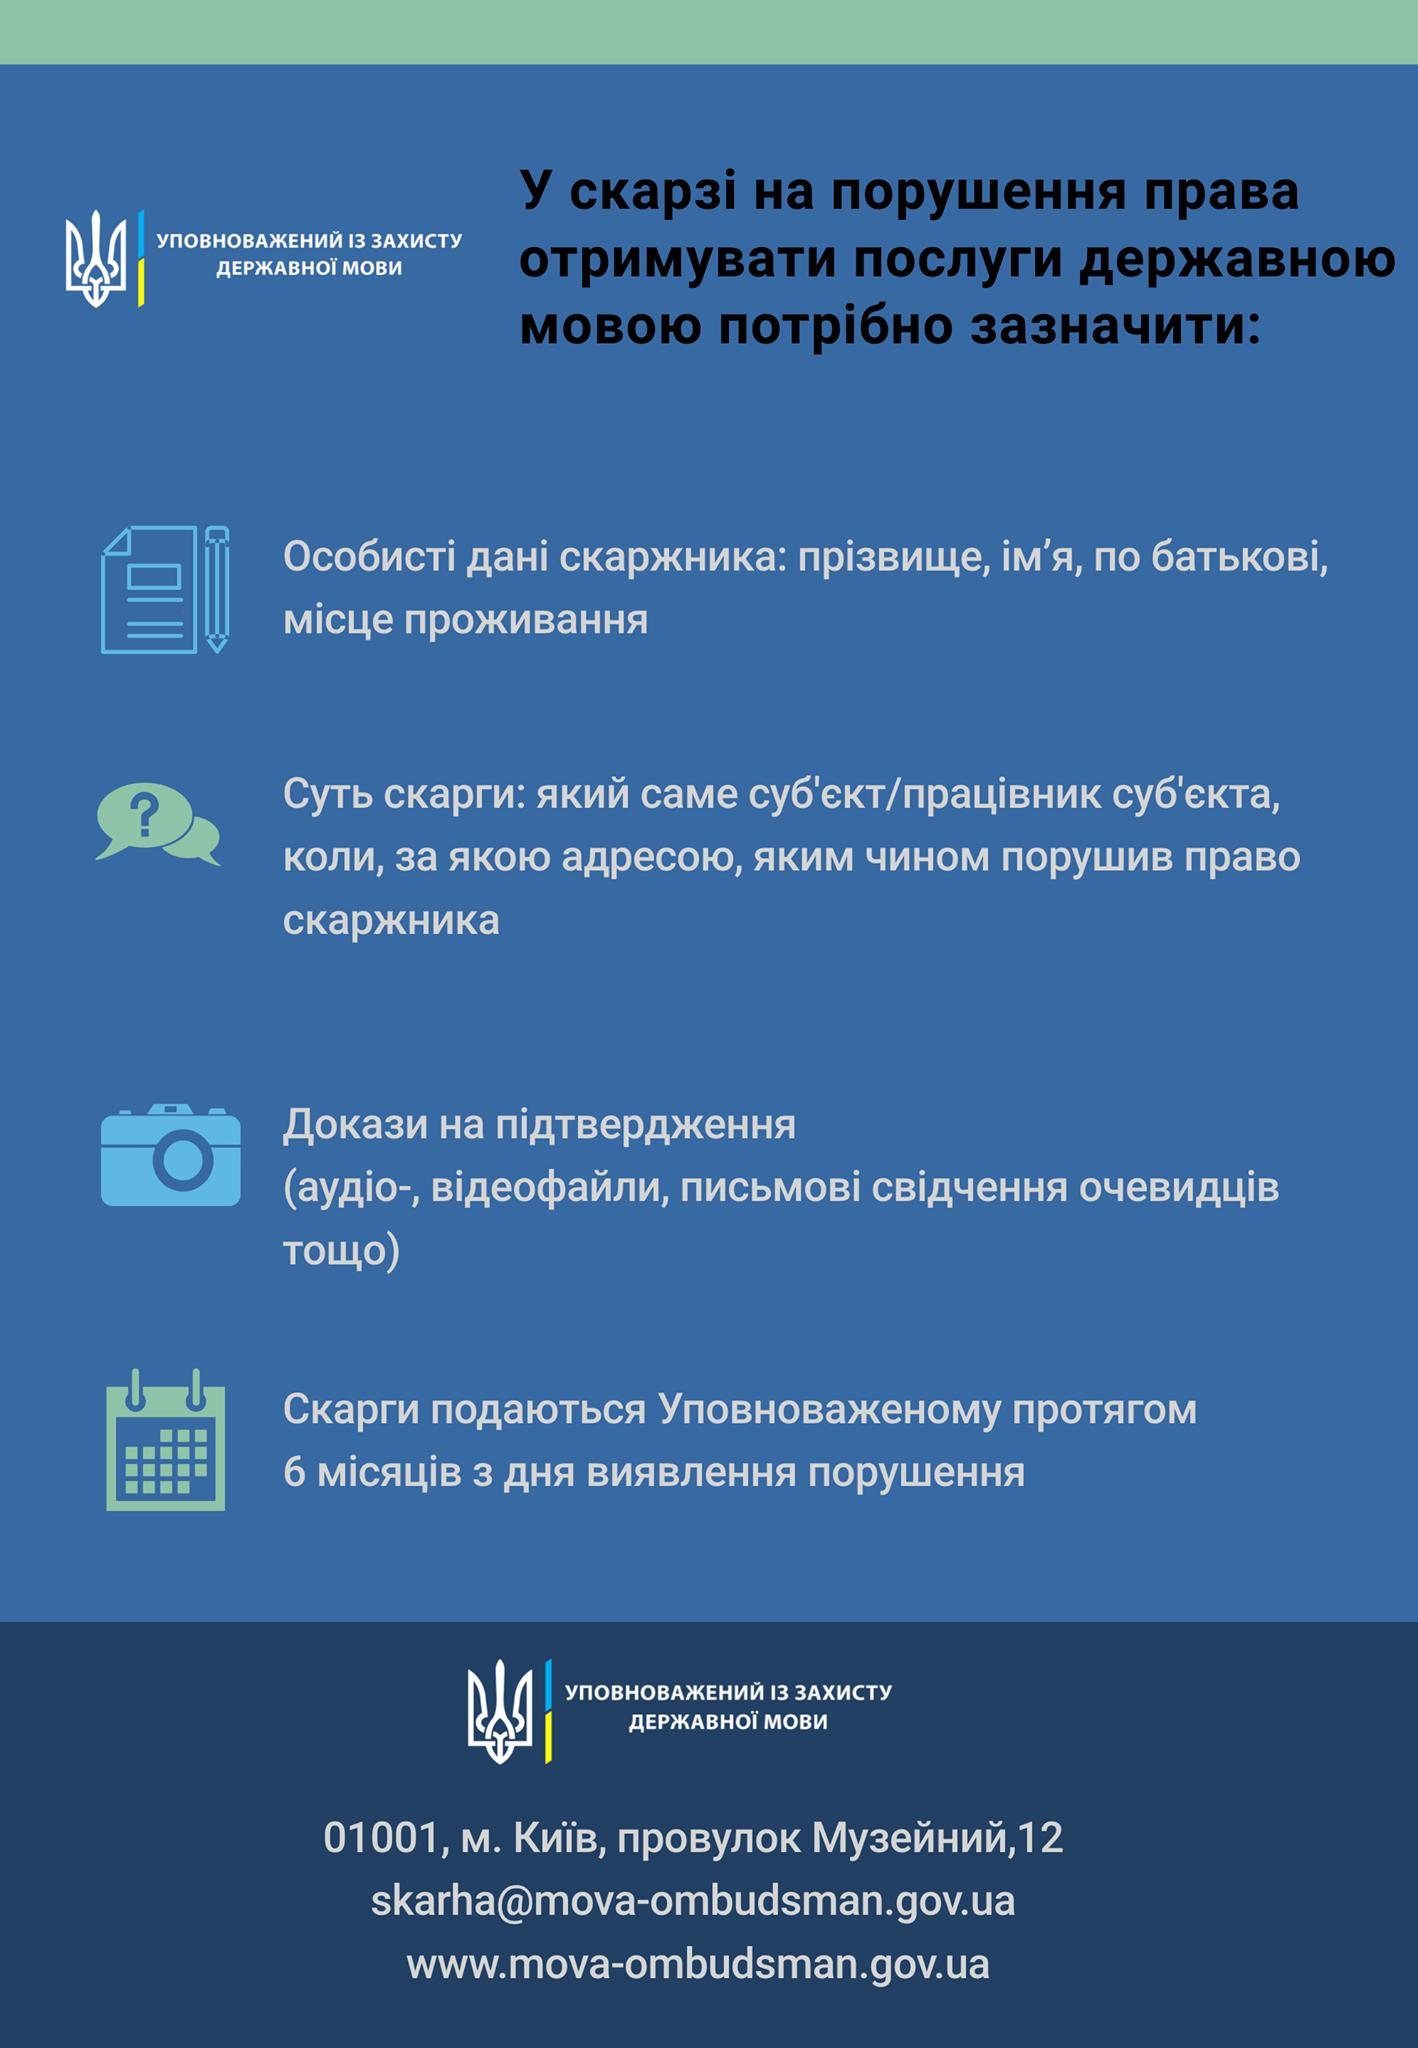 Із 16 січня обслуговування має бути українською мовою: що робити в разі відмови